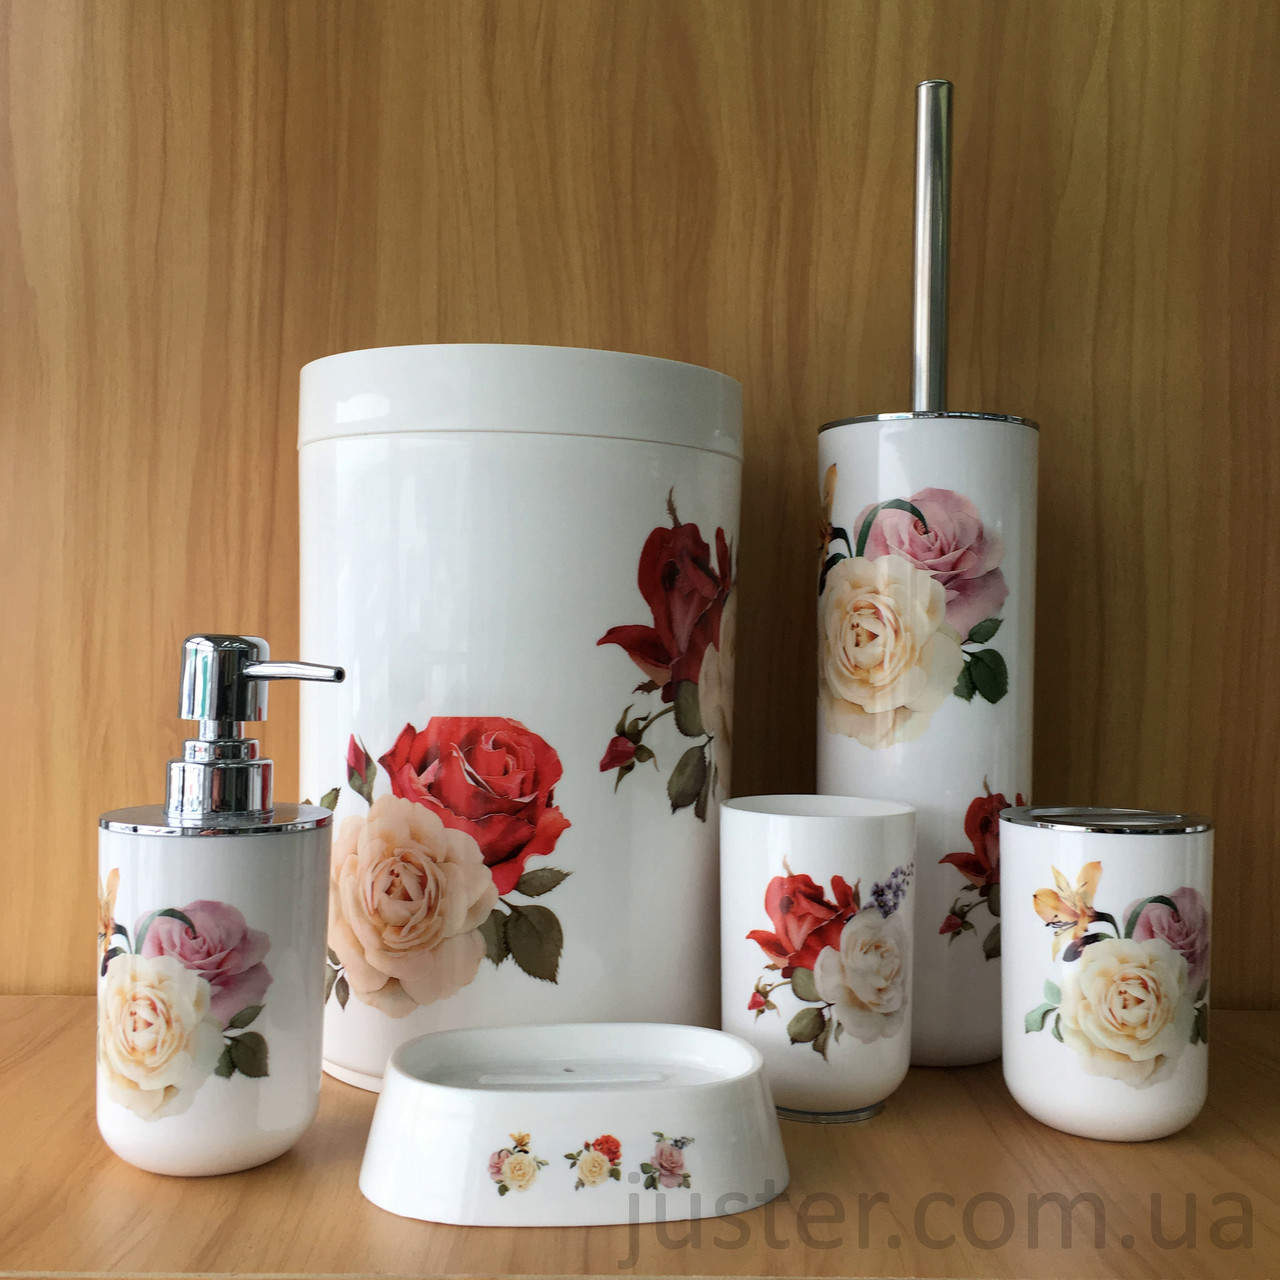 Набор аксессуаров для ванной комнаты Bathlux Natur Flowers на 6 предметов